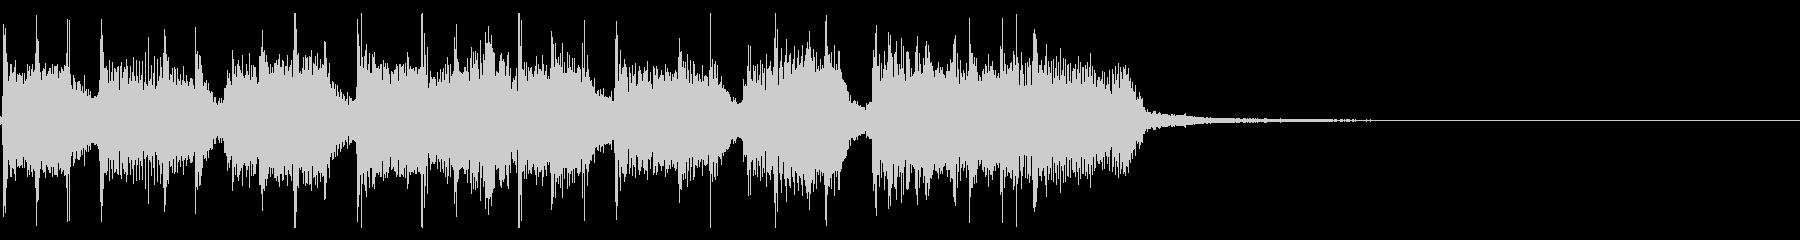 インパクトあるロックなジングル23の未再生の波形